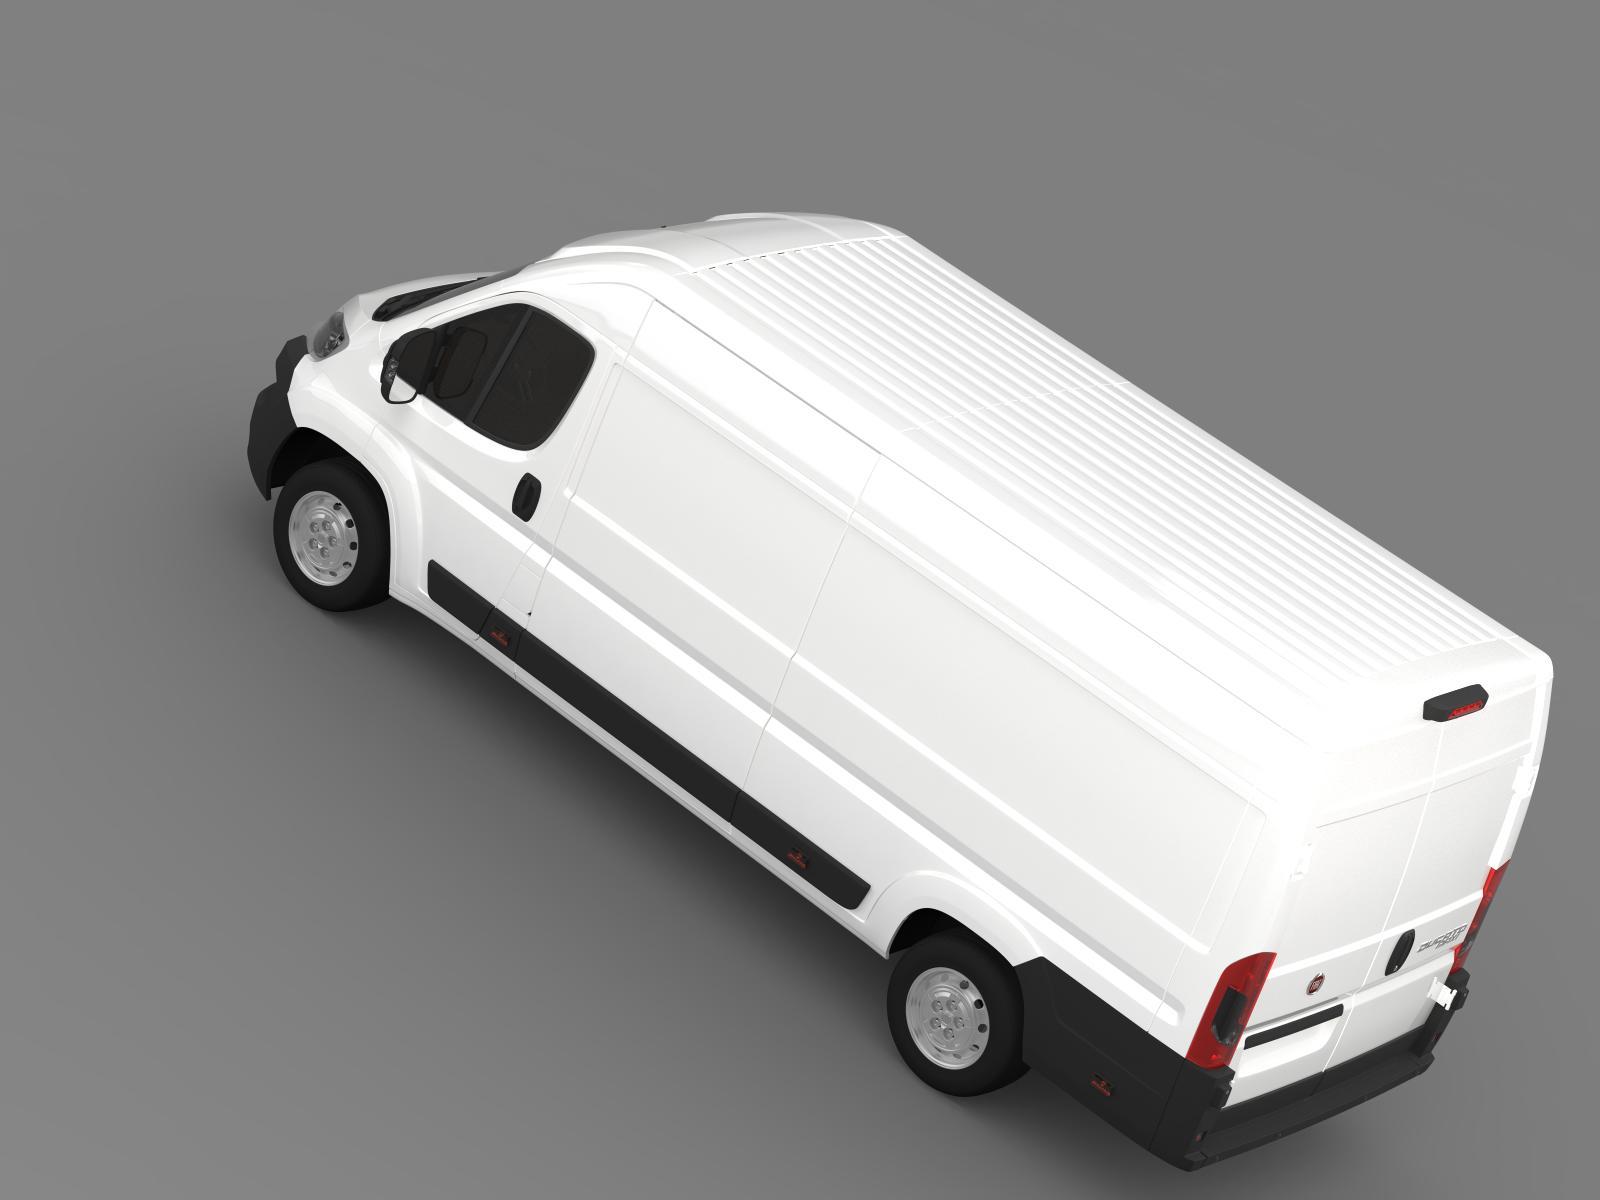 fiat ducato van l4h2 2015 3d model buy fiat ducato van l4h2 2015 3d model flatpyramid. Black Bedroom Furniture Sets. Home Design Ideas